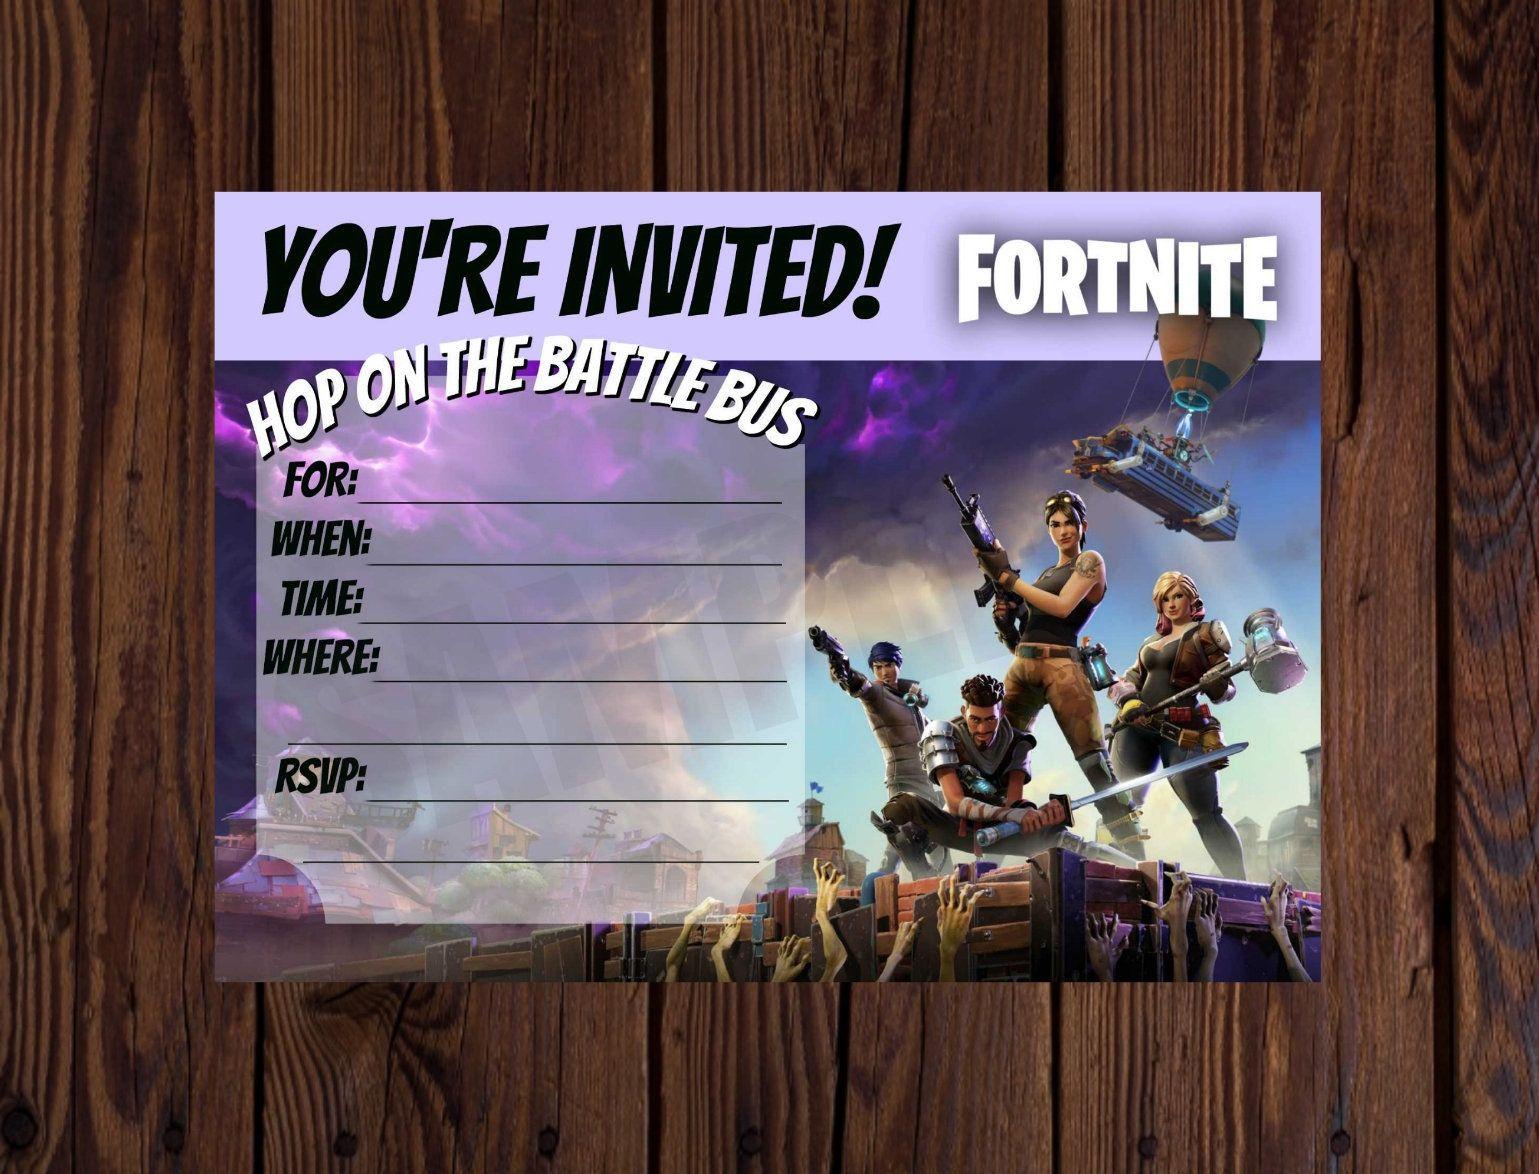 Fortnite Printable invite. Fortnite invitation. Fortnite birthday